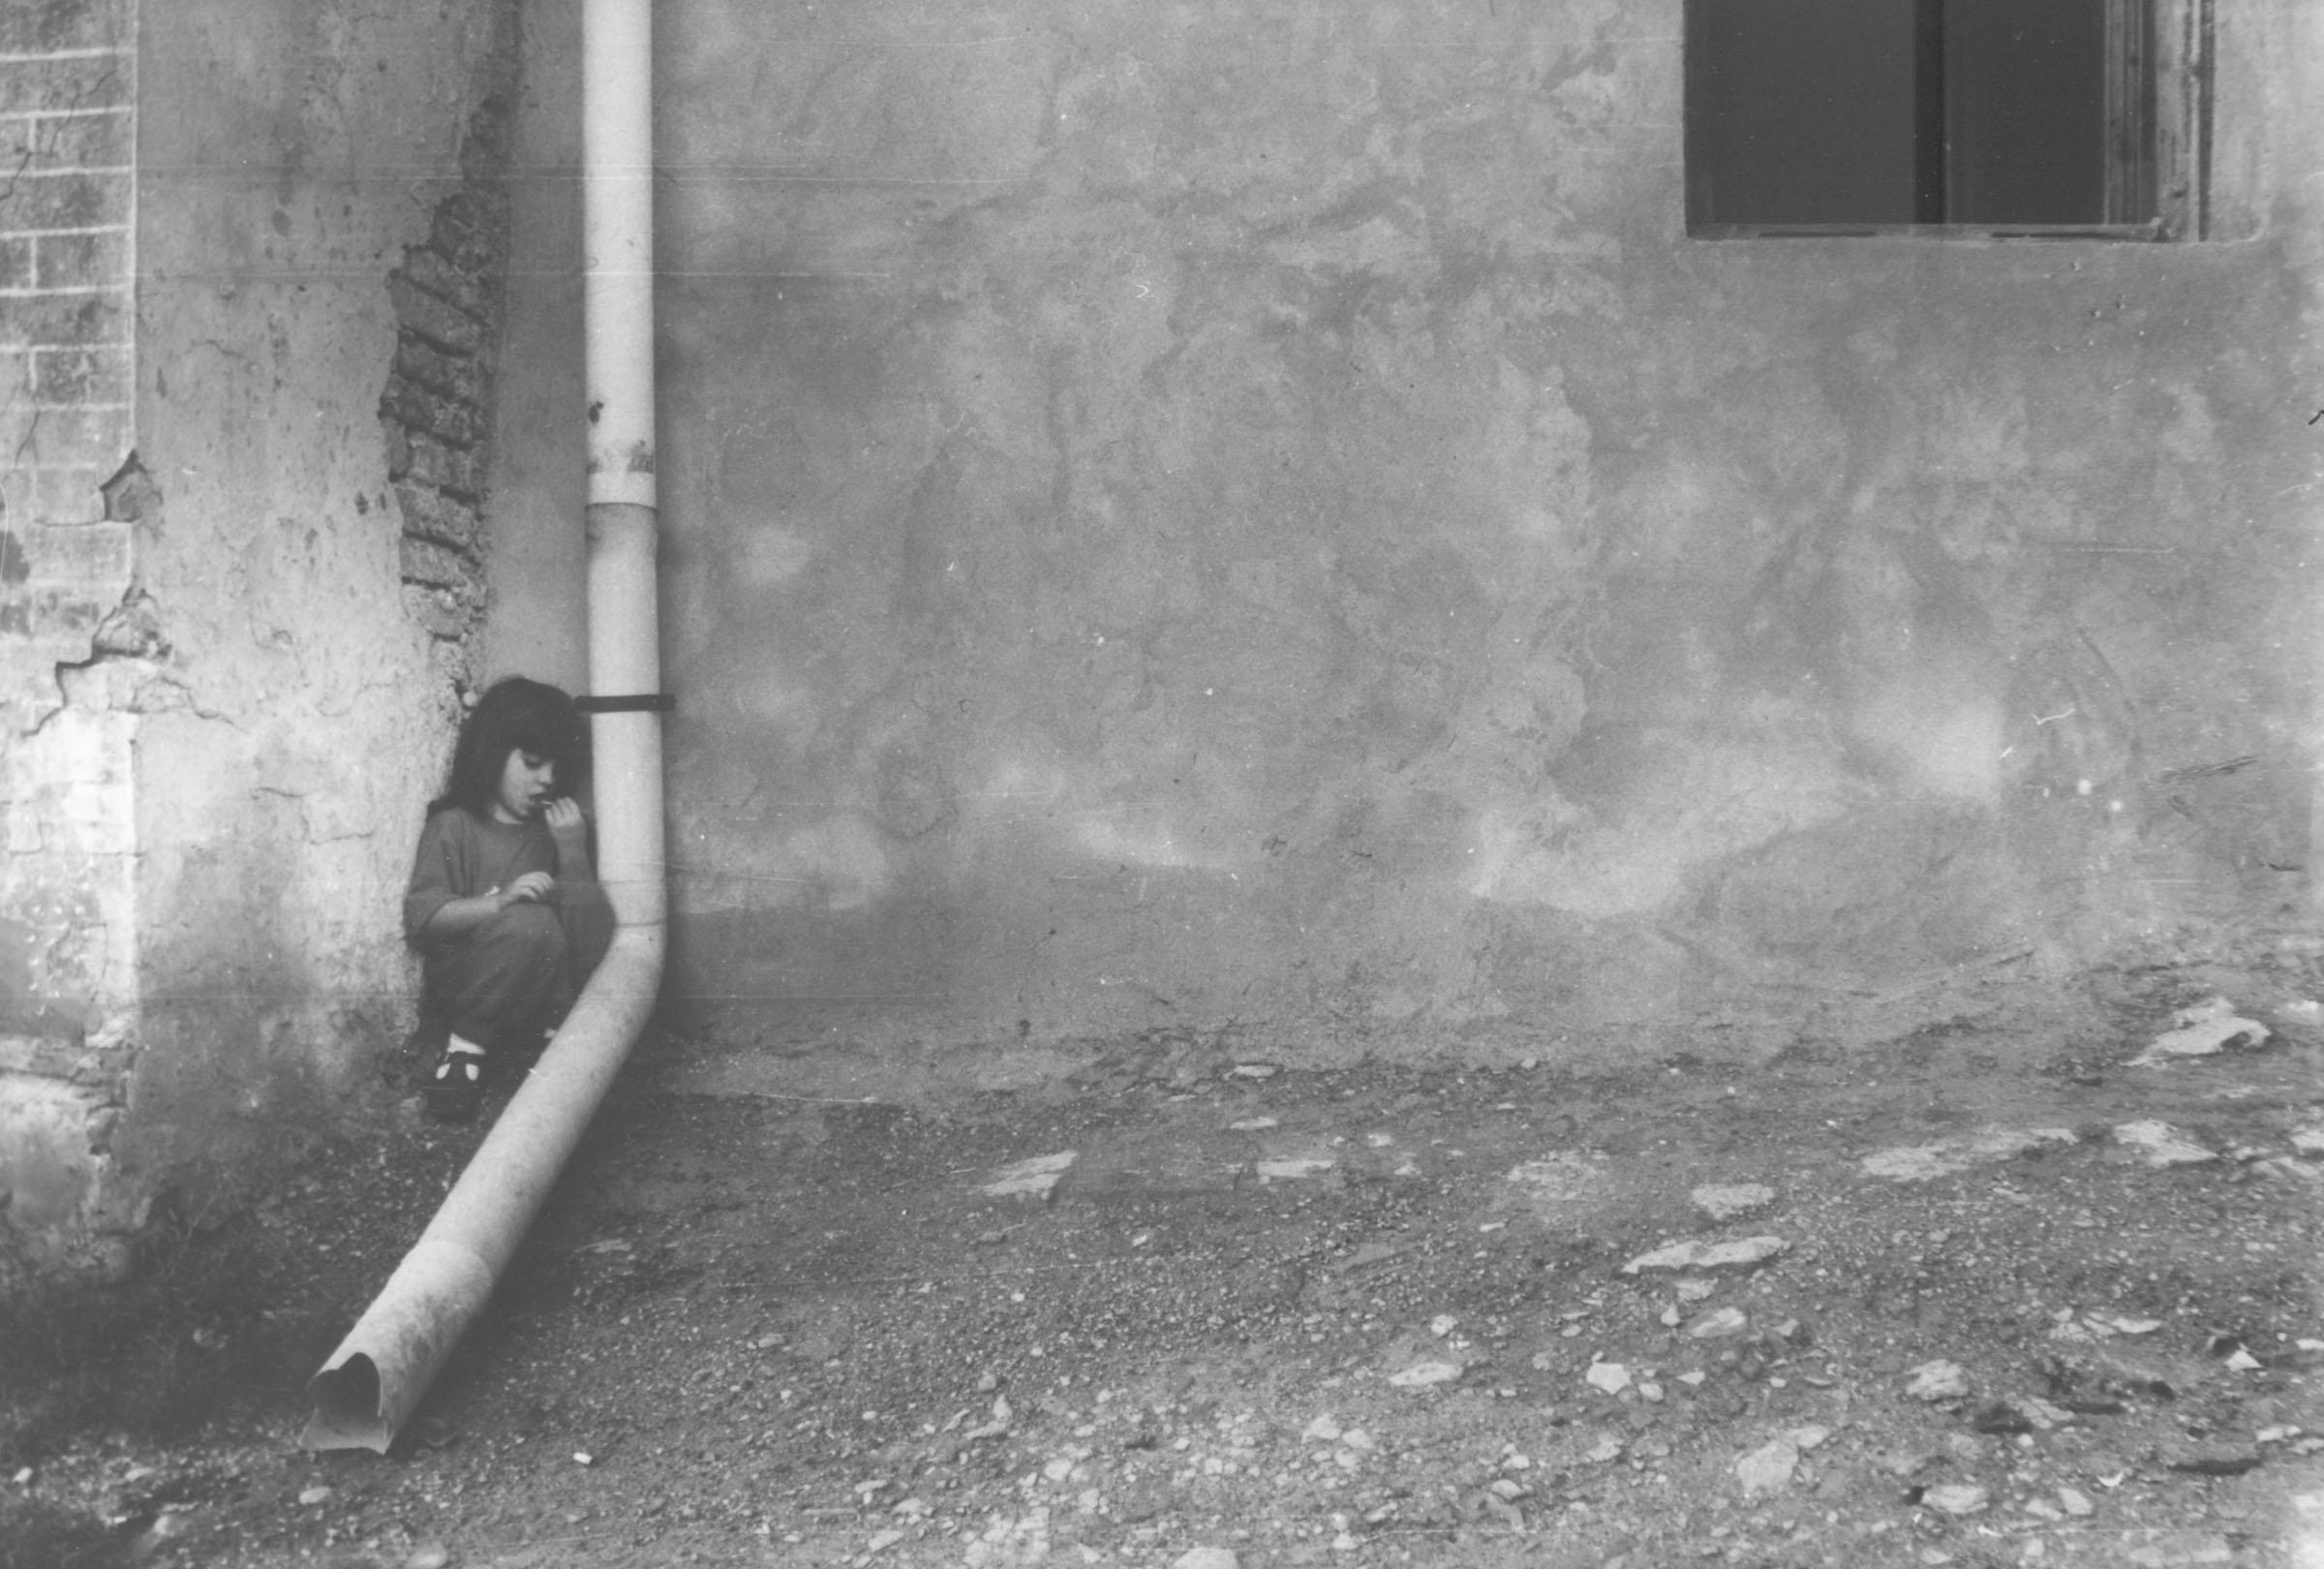 2004.09.18. Hétköznapok fotópályázat - Wéber Krisztina - Egyedül.jpg